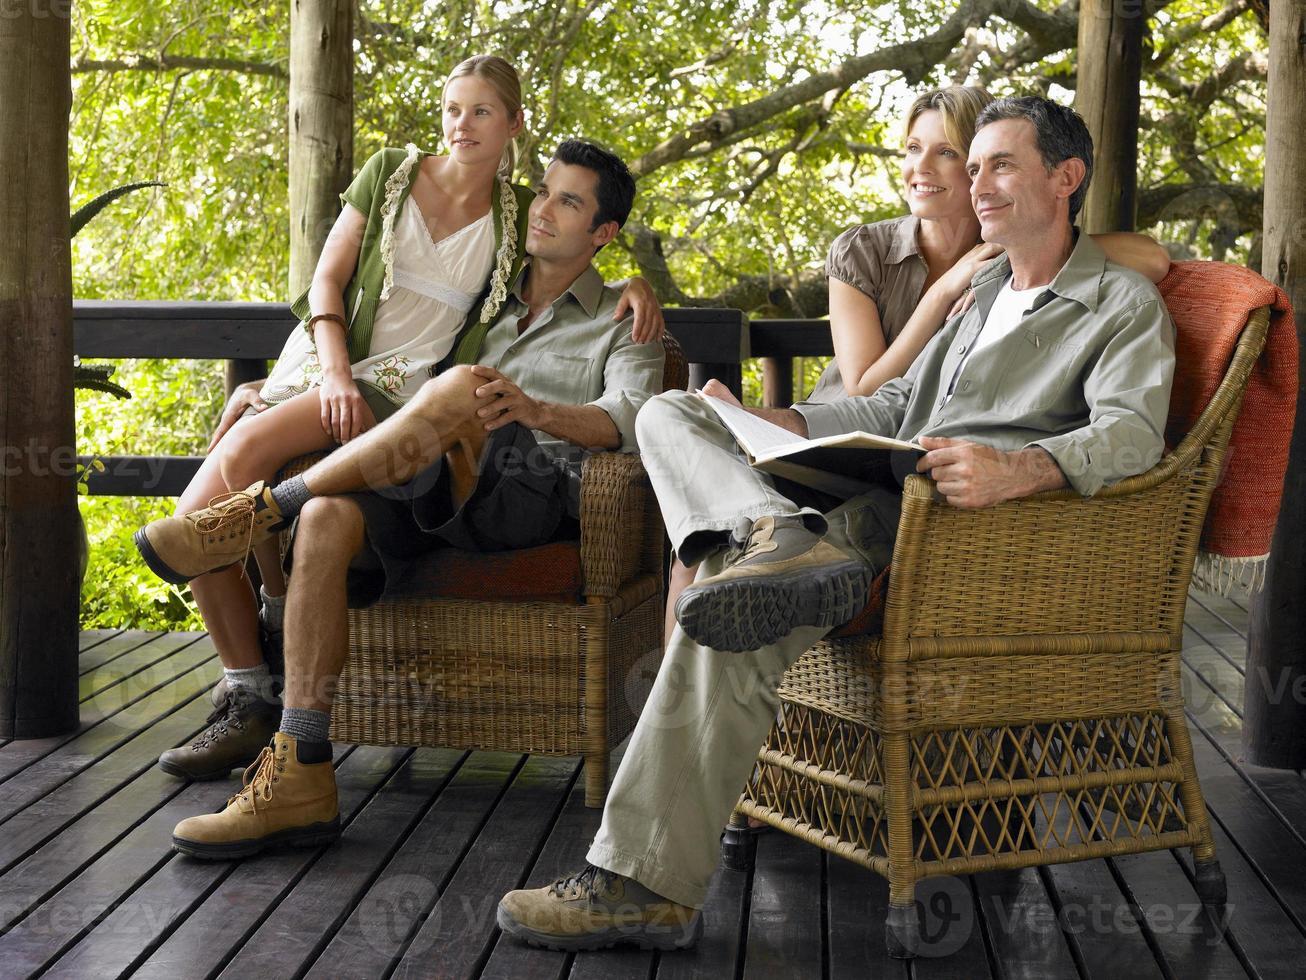 couples assis dans des chaises en osier sur terrasse photo